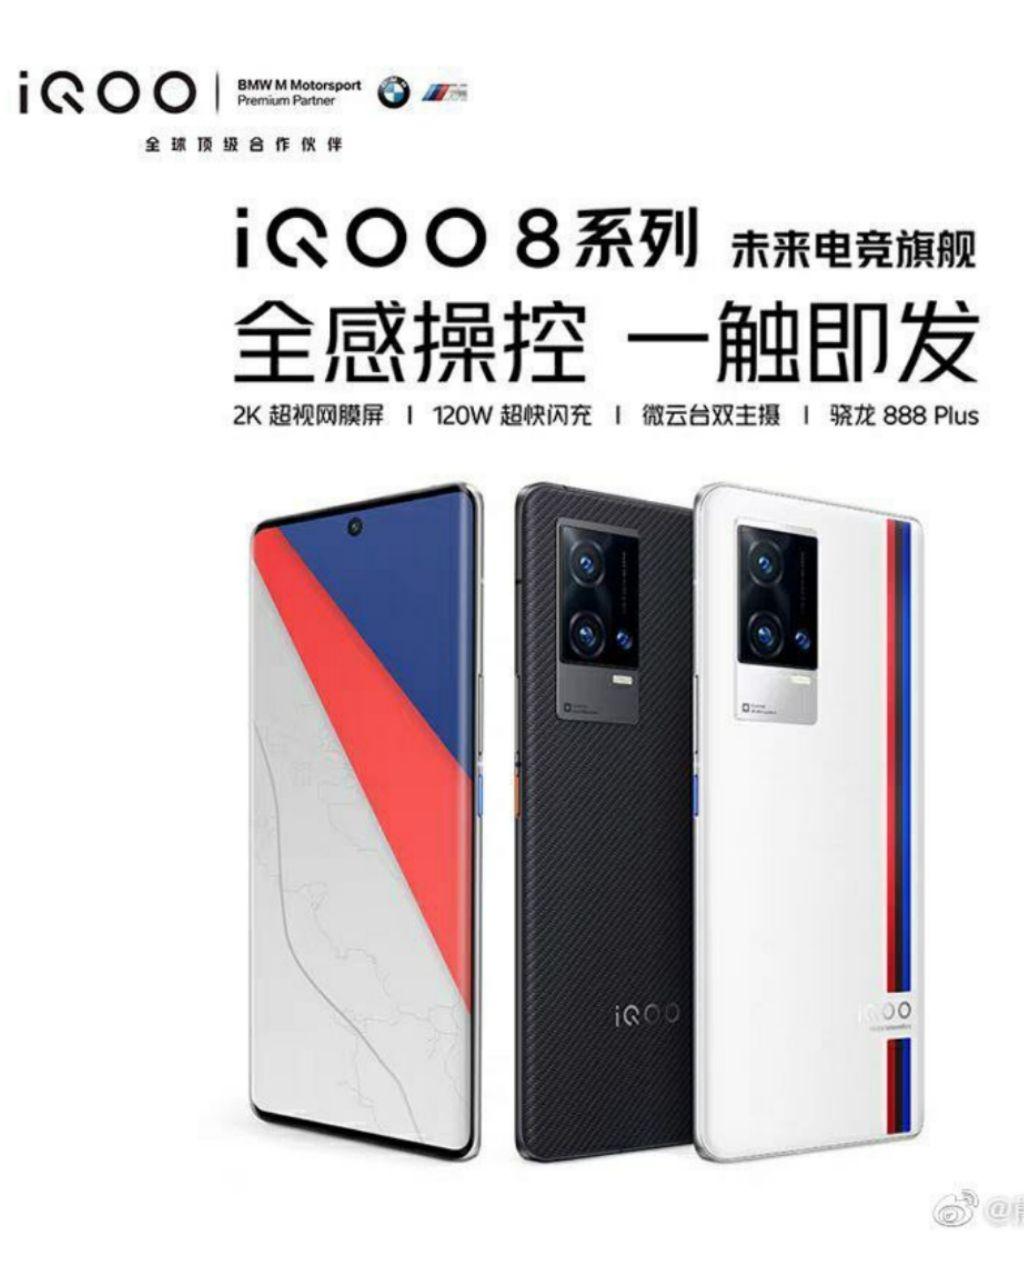 پوستر رسمی iQOO 8 Pro